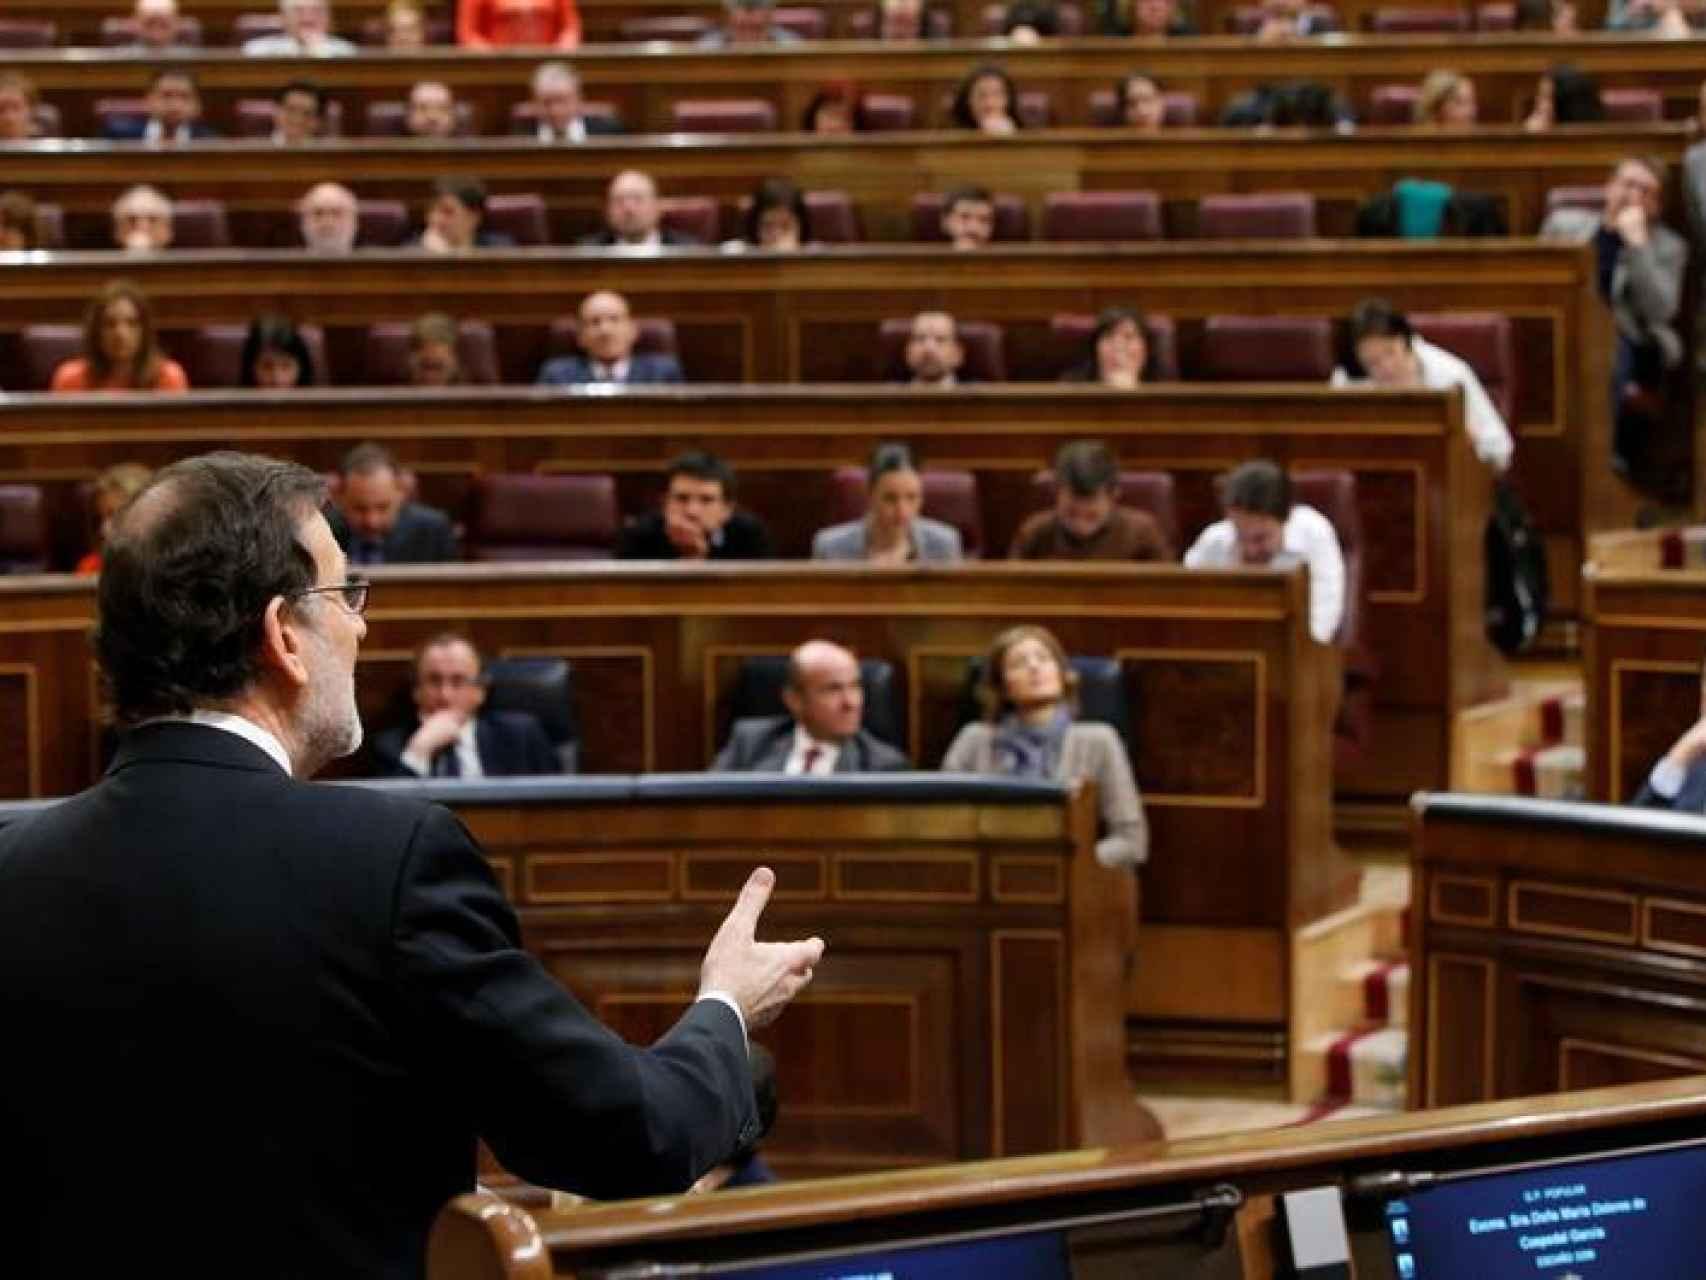 El presidente del Gobierno en funciones, Mariano Rajoy/Zipi/EFE